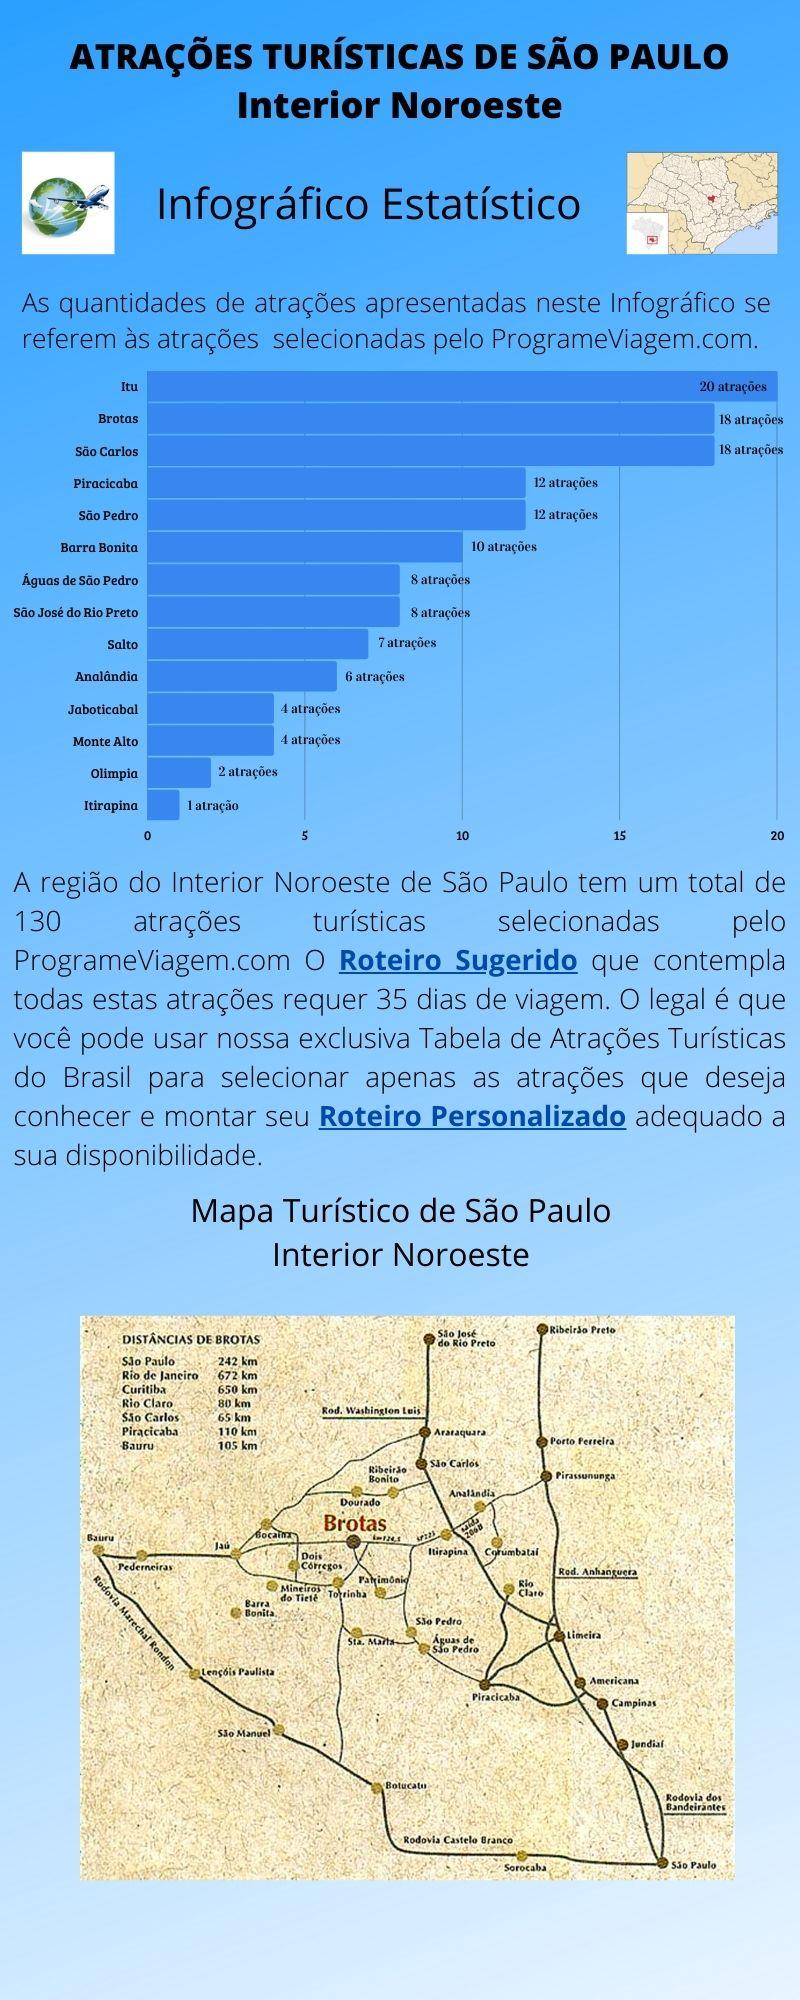 Infográfico Atrações Turísticas de São Paulo (Interior Noroeste)